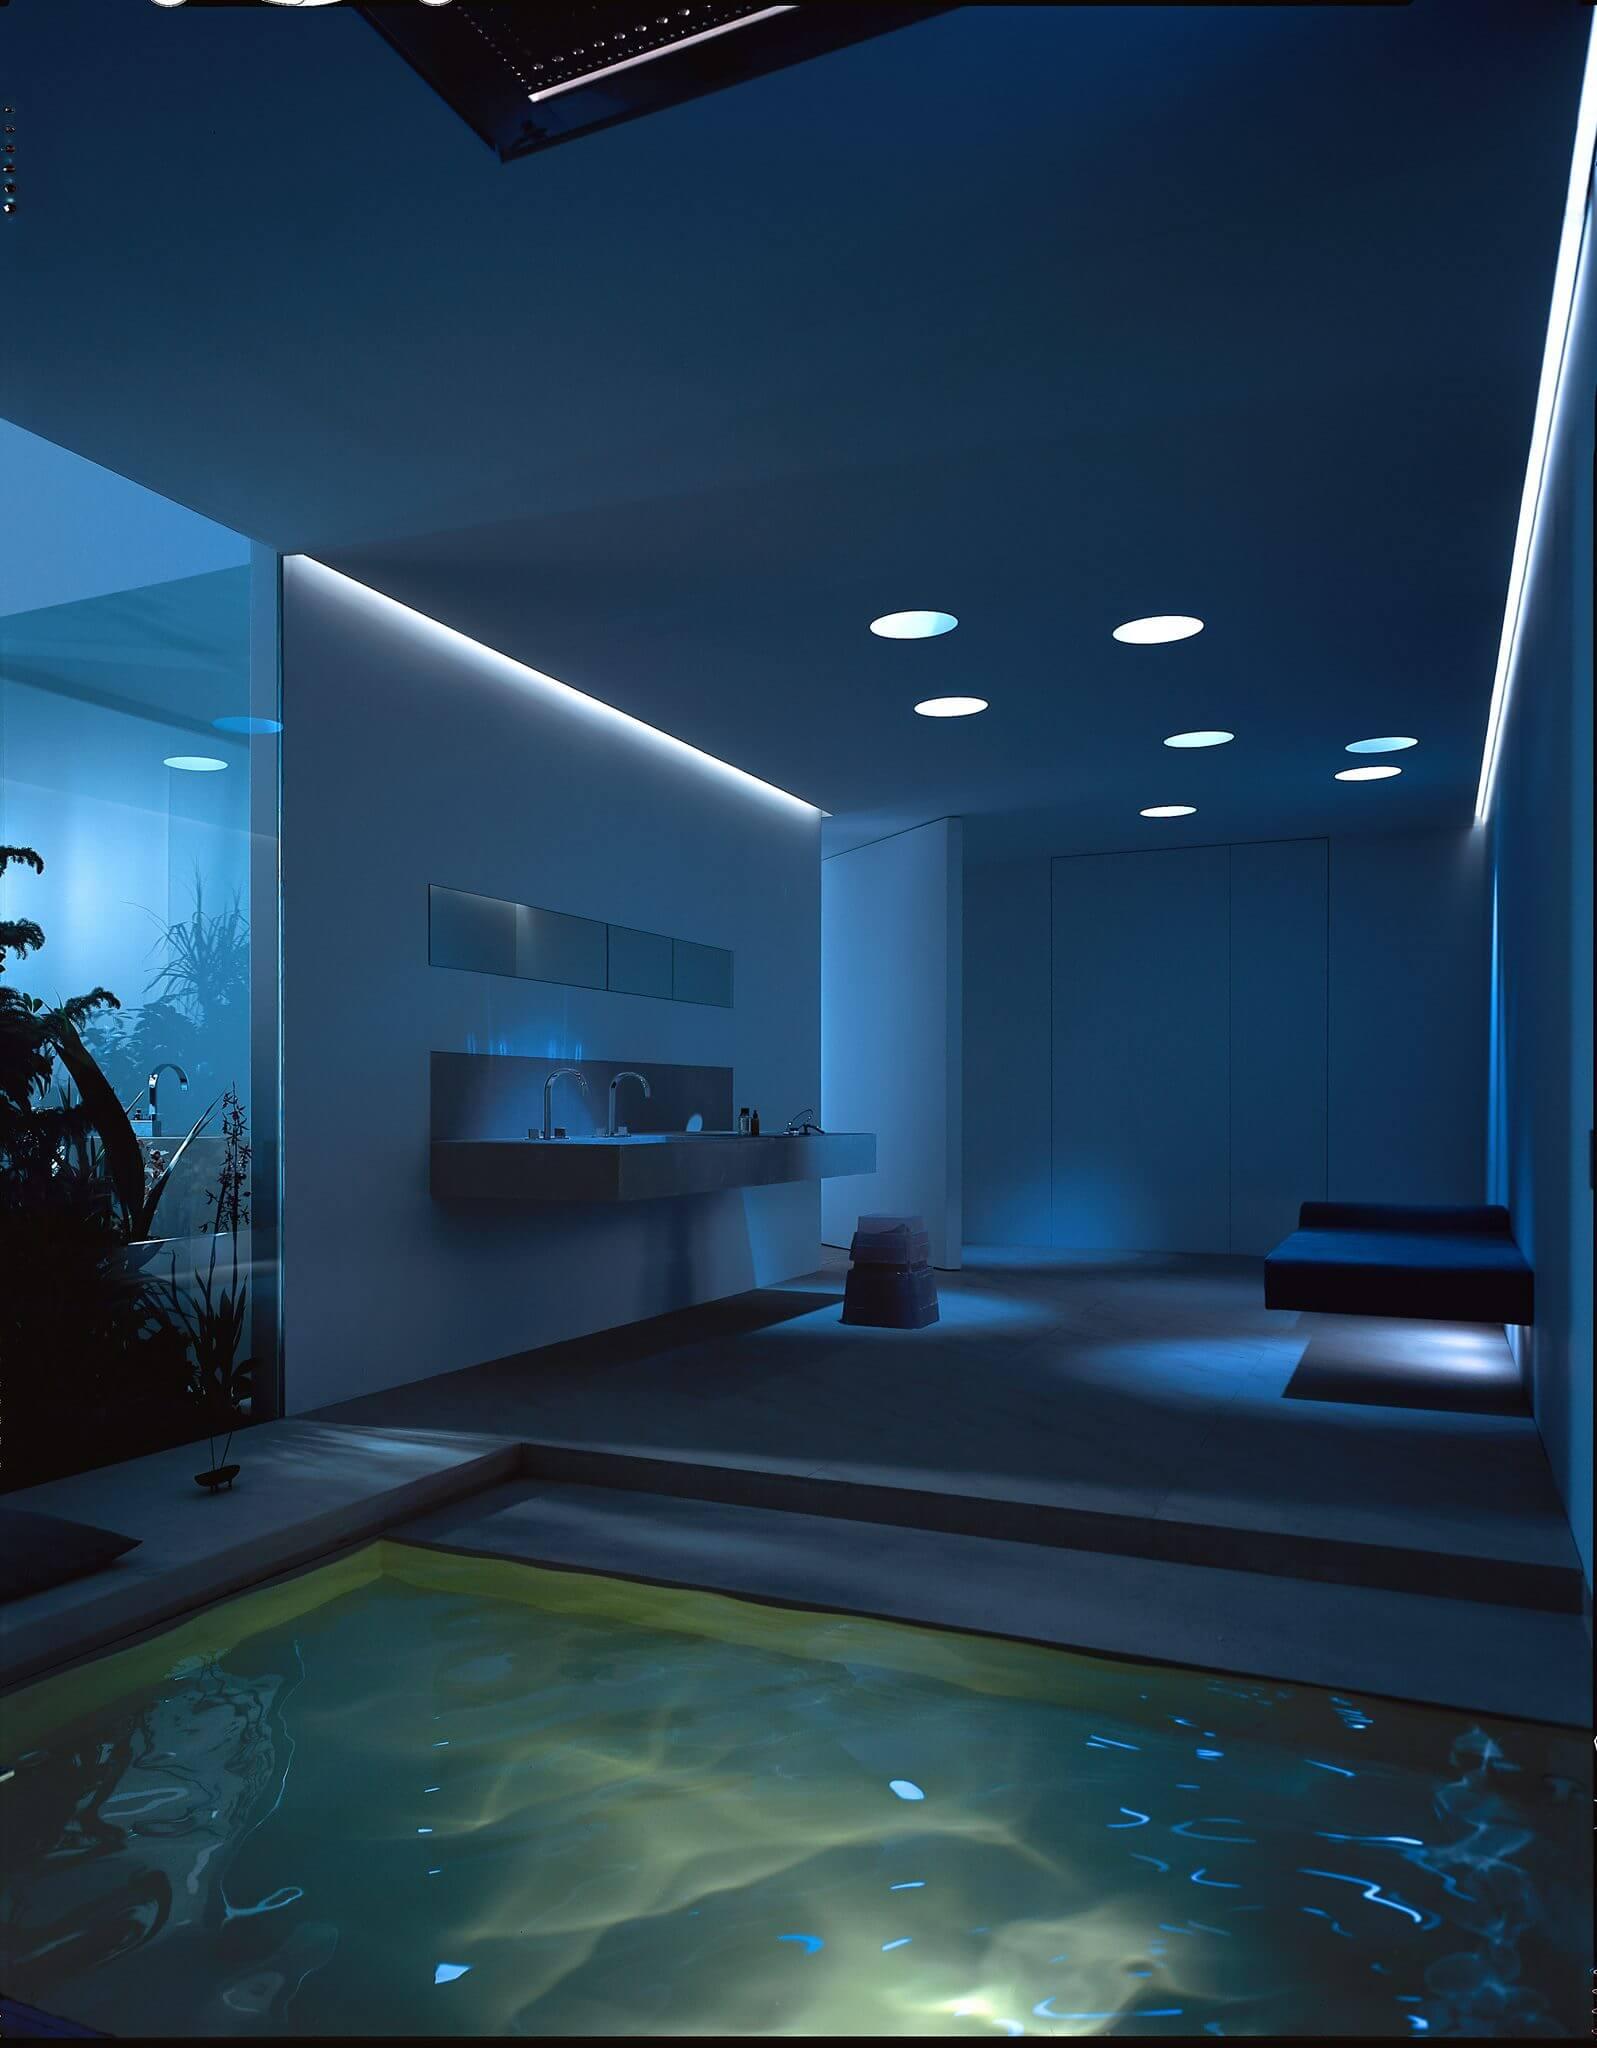 Das optimal auf die Traumbäder sowie der Badarchitektur abgestimmte Lichtkonzept ist nicht nur beim kleinen Badezimmer Gestalten von Vorteil – Mittels digitaler Badezimmerplaner und einer 3D Visualisierung können schöne Bäder durch Lichtakzente individuell ausgeleuchtet und vorab erlebbar werden. Dabei kommen bei der Realisierung moderne RGB- und LED-Technologien in Ihrem puristischen eventuellen Villeroy und Boch Bad zum Einsatz. Die Szenarien, die im visuellen Badezimmerplaner umgesetzt werden, sind schier unendlich – sei es das professionelle Schminklicht oder die gedämpfte Kerzenstimmung für ein romantisches Bad zu zweit. Das professionelle Lichtkonzept, das auf der Badausstellung Bonn, der Badausstellung Düsseldorf oder der Badausstellung Frankfurt bewundert werden kann, versetzt Gebäude und Traumbäder in neue Stimmungen und erzeugt das gewünschte Ambiente. Durch die Kombination von Grundbeleuchtung, fokussierender Beleuchtung und Brillanz-Licht entstehen Traumwelten, die beim Badezimmer Planen berücksichtigt werden sollten.